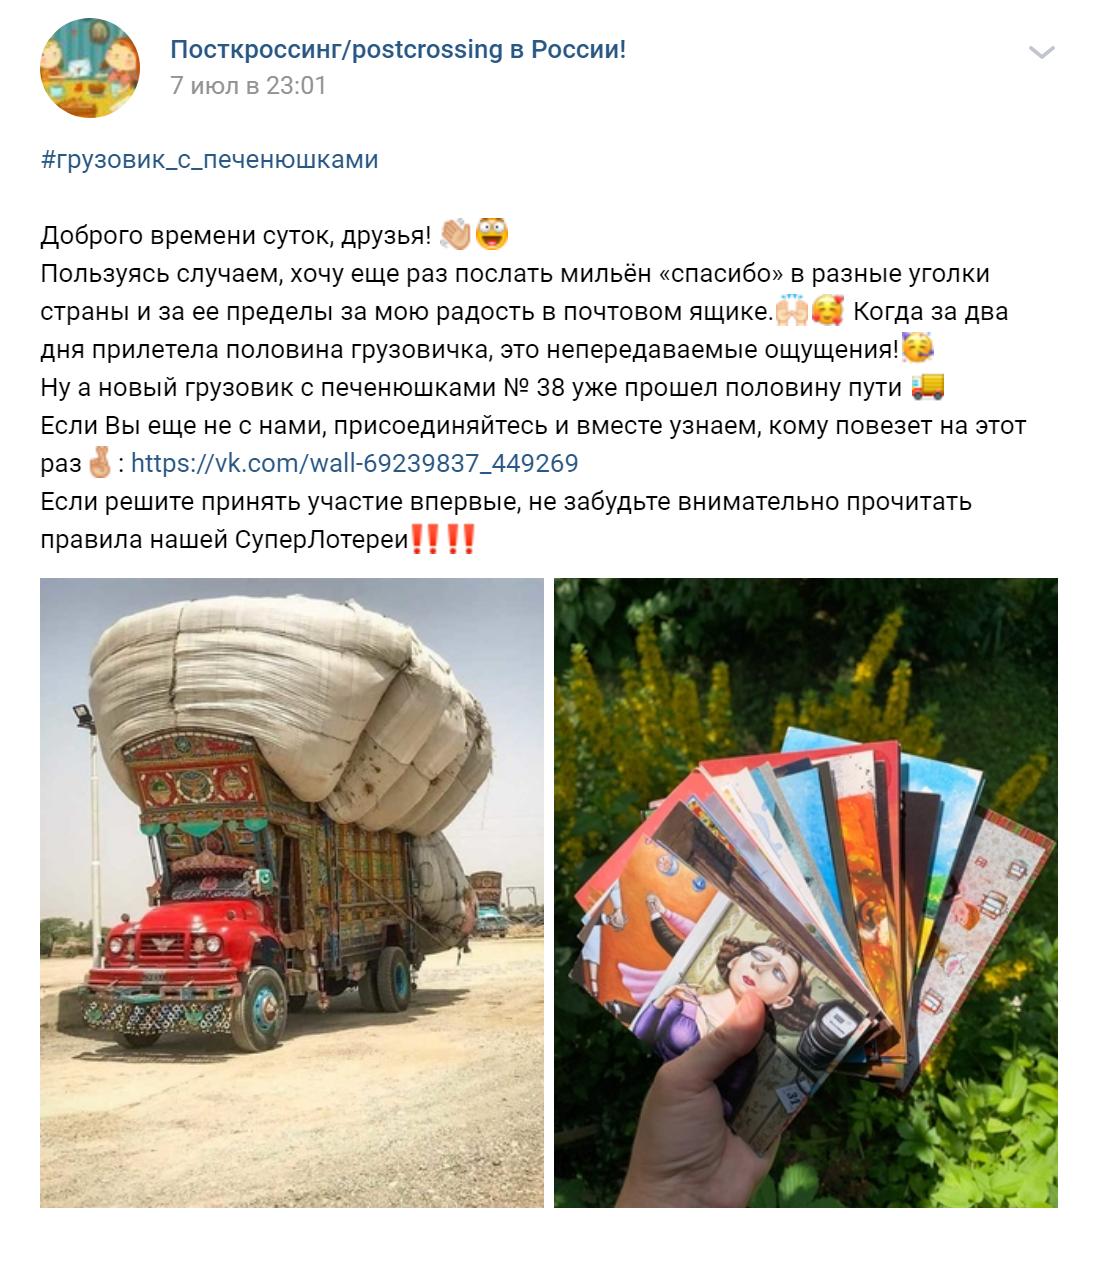 Победительница «Грузовика с печенюшками» благодарит всех, кто отправил ей открытки. На фото только половина того, что должно ей дойти